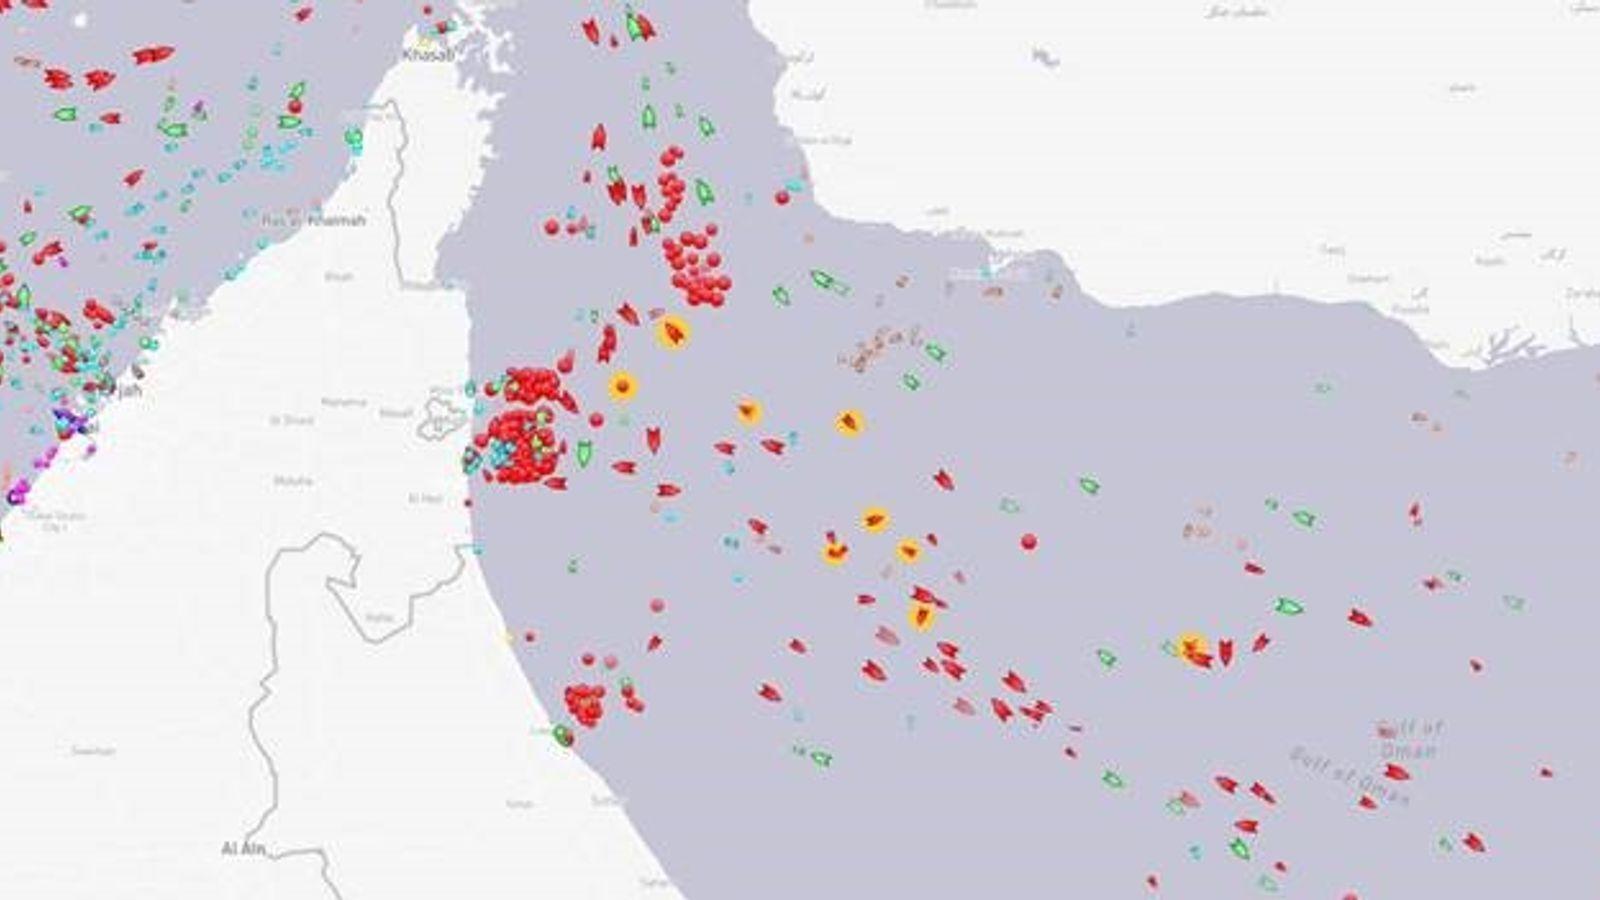 Пострадавшие судна у побережья Объединенных Арабских Эмиратов выделены оранжевым цветом